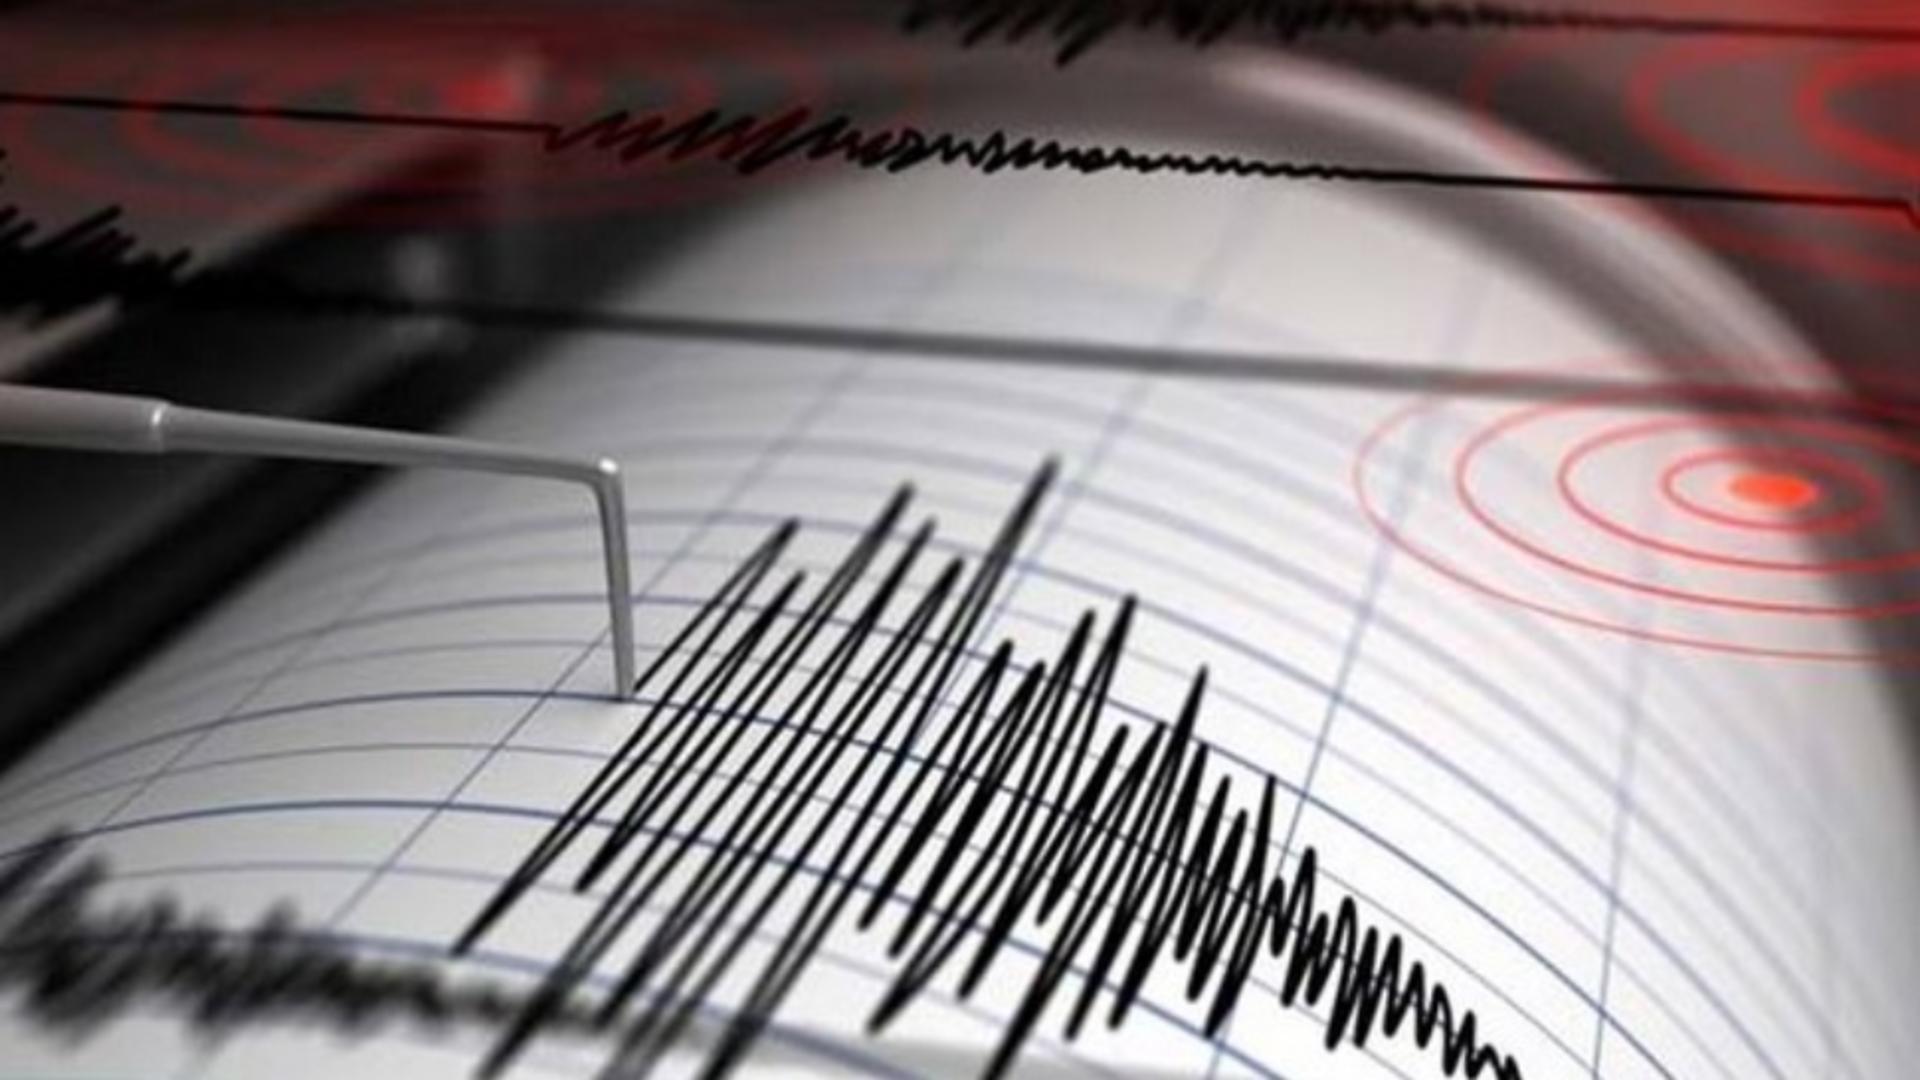 România, zguduită de noi CUTREMURE în Vrancea și Vaslui - 13 seisme în două zile